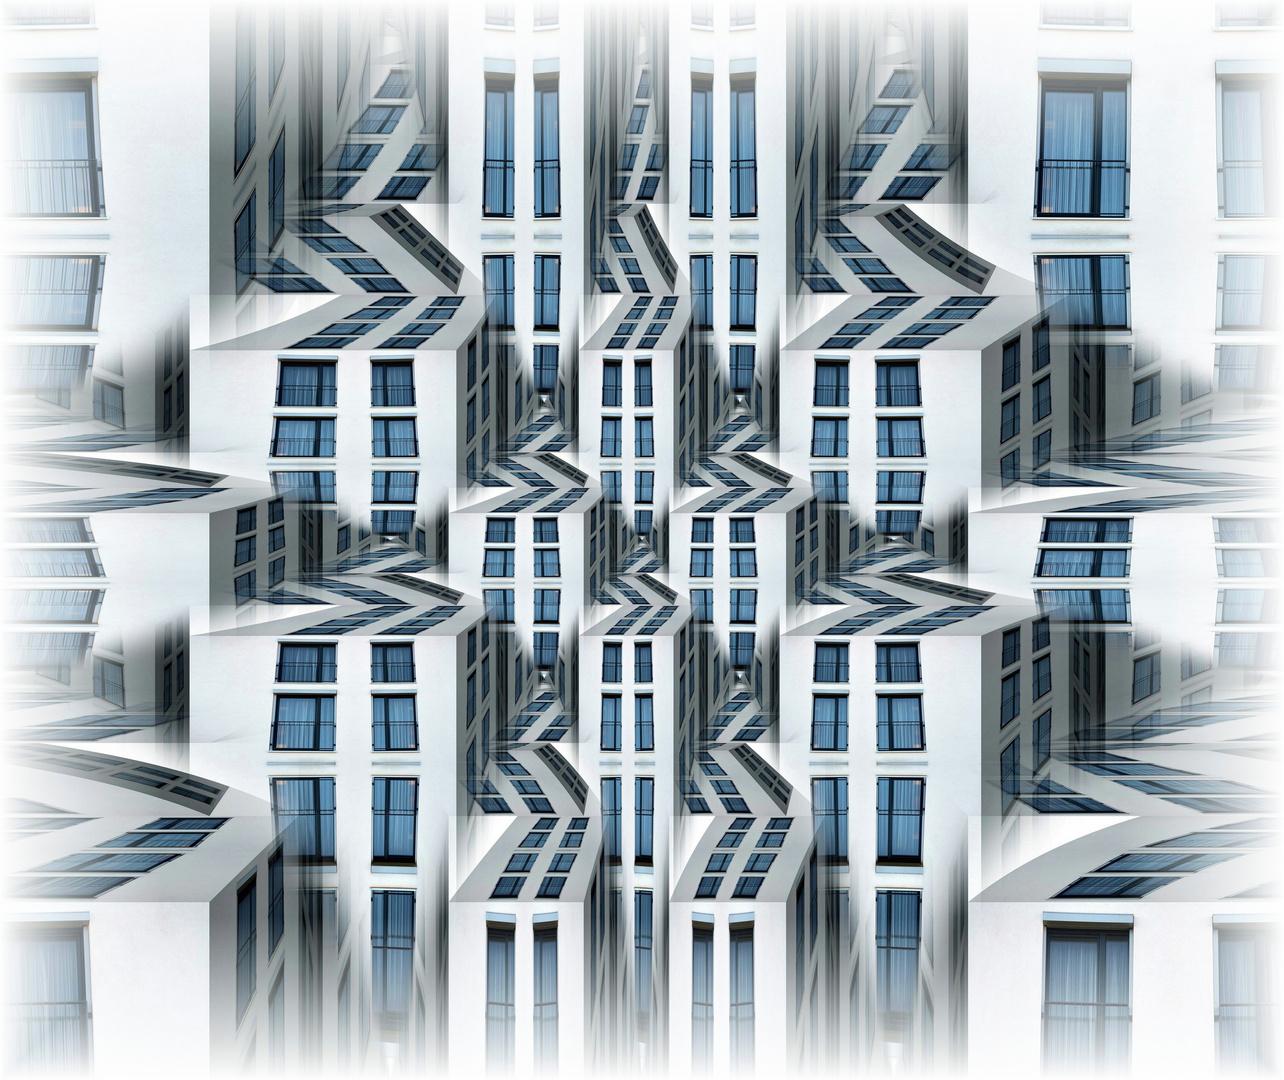 Blue Windows City